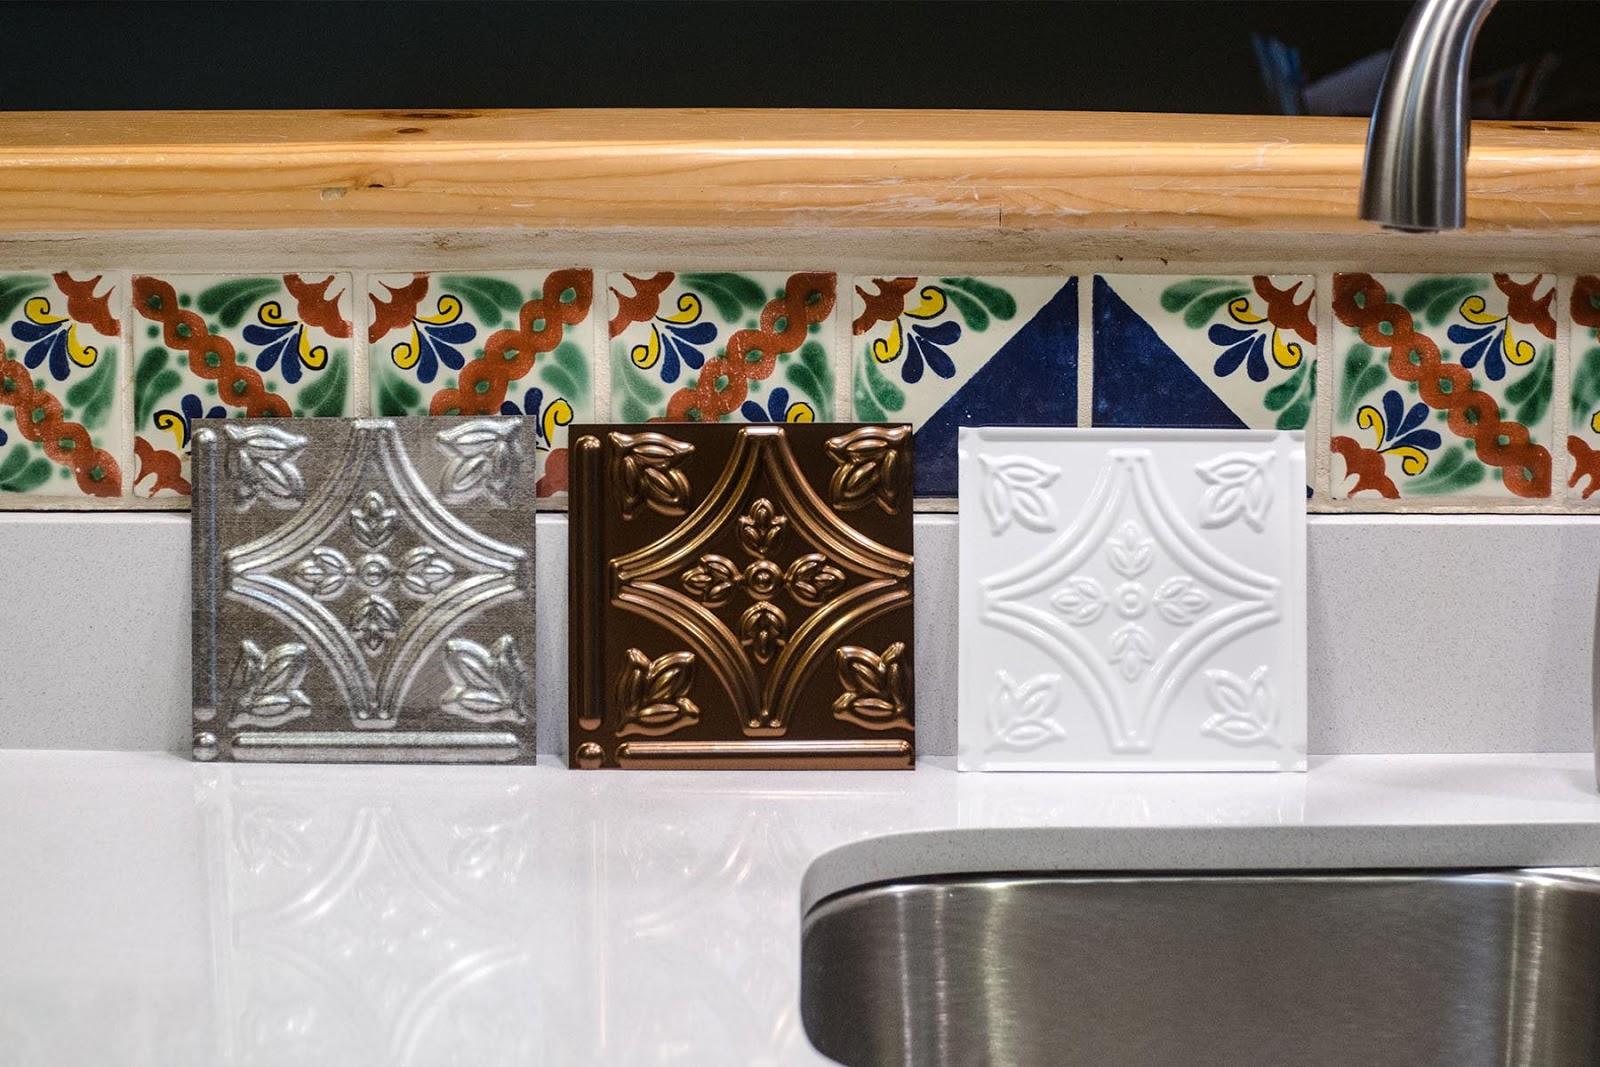 100 installing fasade backsplash backsplash tile stores tor